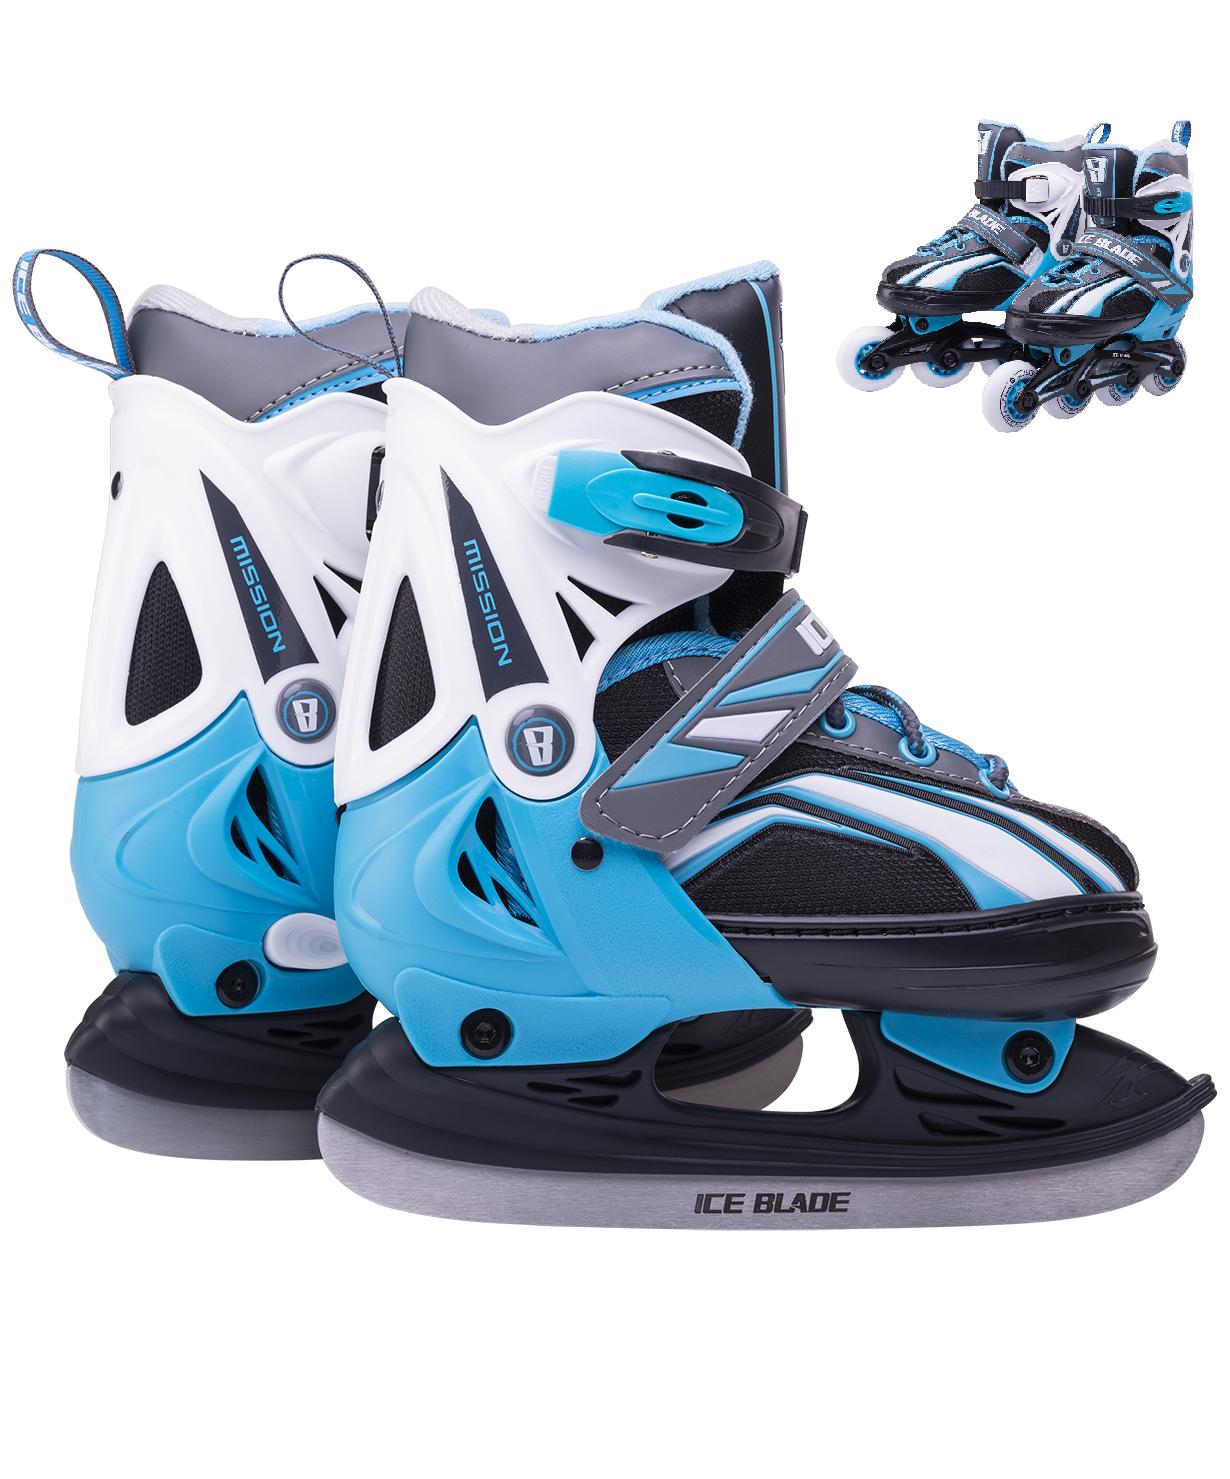 Купить Коньки-ролики раздвижные Ice Blade Mission 2 в 1 2019, размер 26-29, Детский спортивный инвентарь